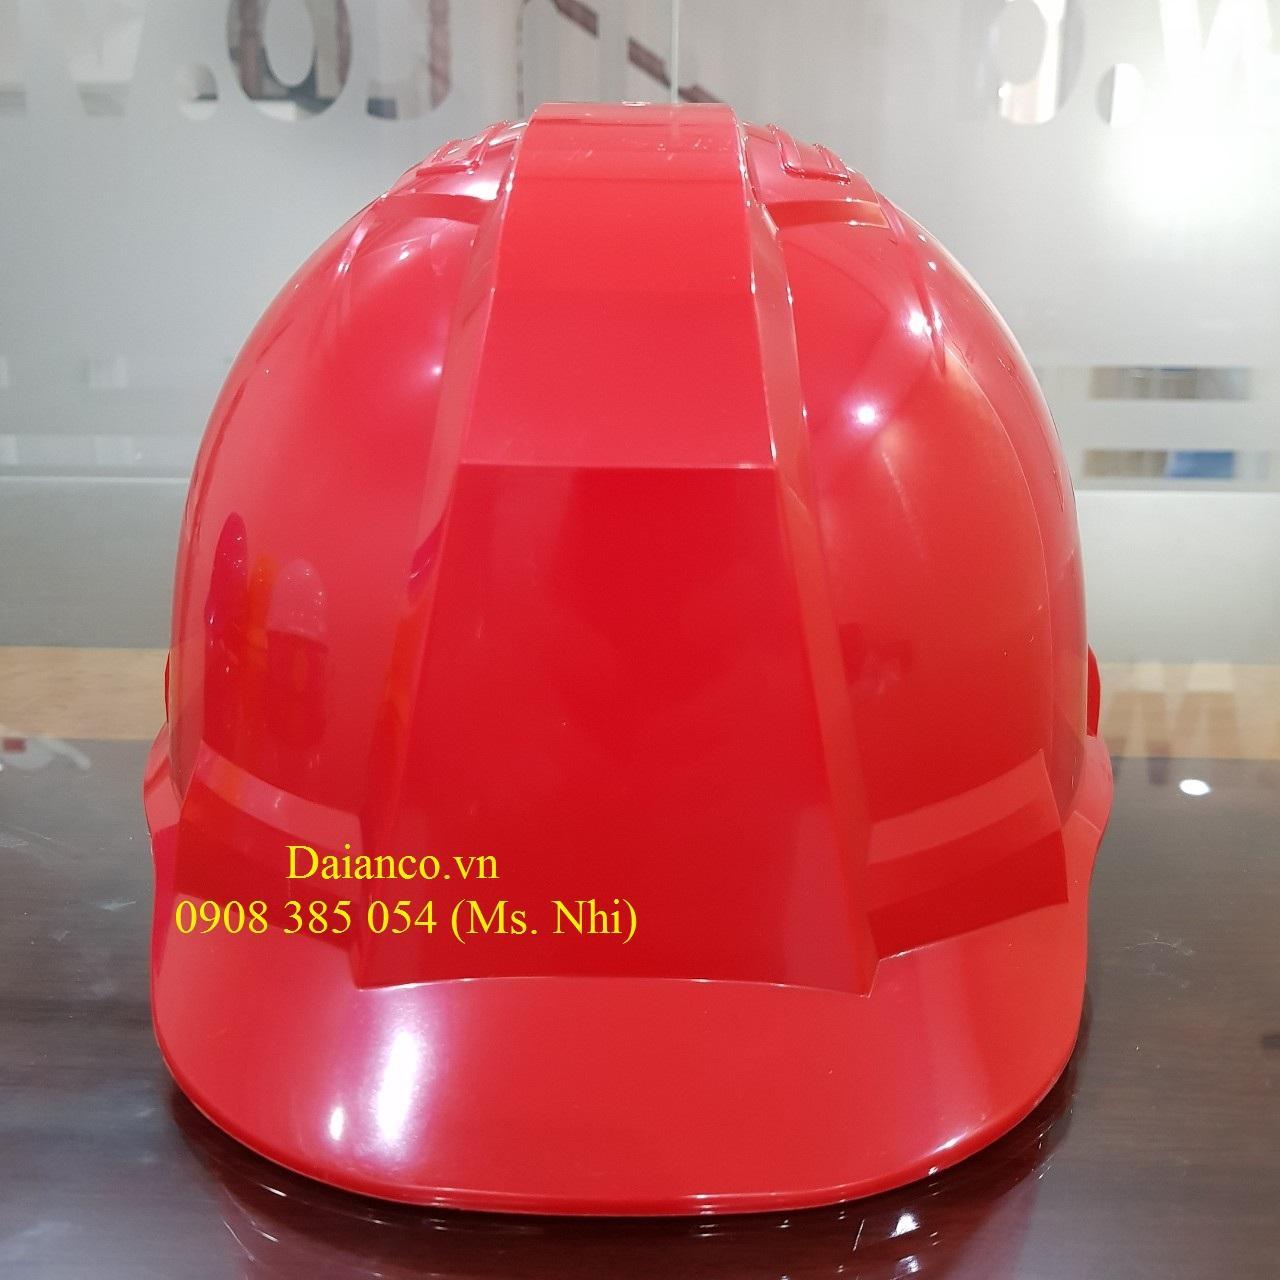 [HCM] Khuyến mãi nón bảo hộ Hàn Quốc- Kujie IV-  bảo vệ đầu- chống va đập - Hình thật, có sẵn